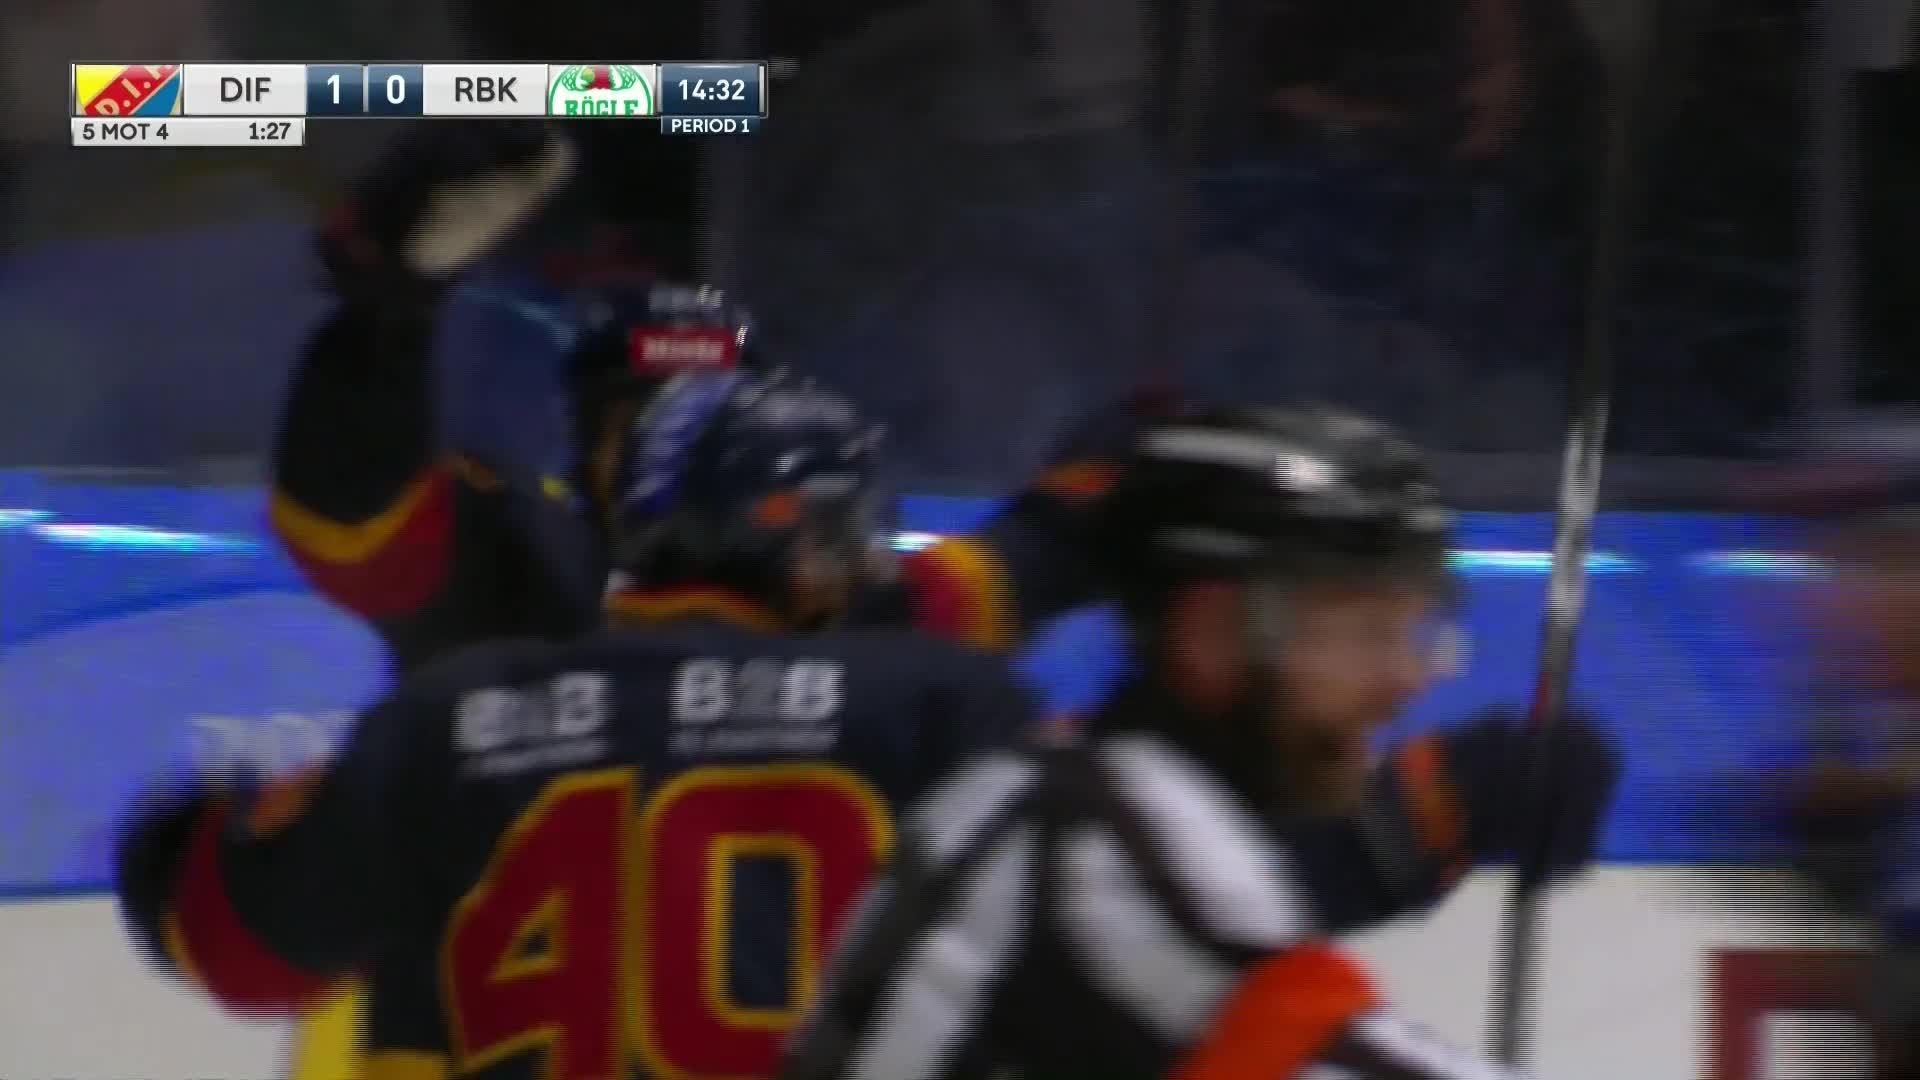 Djurgården Hockey - Rögle BK 2-0